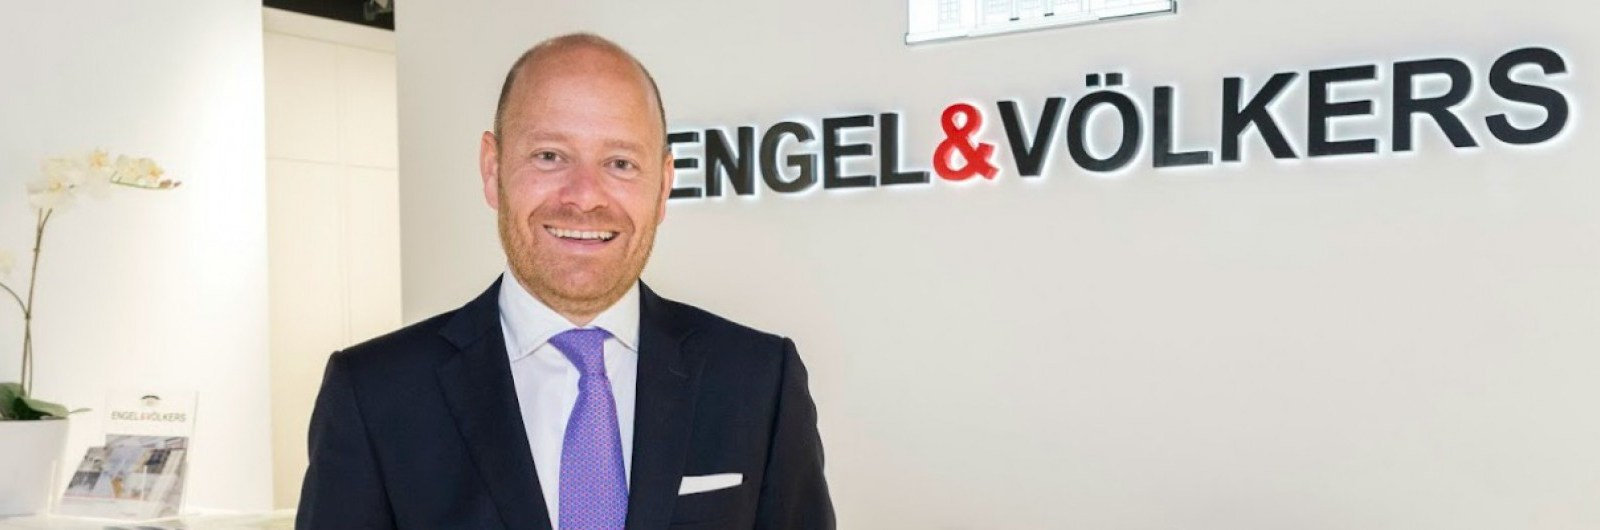 Engel & Völkers nomeia novo diretor de vendas e expansão